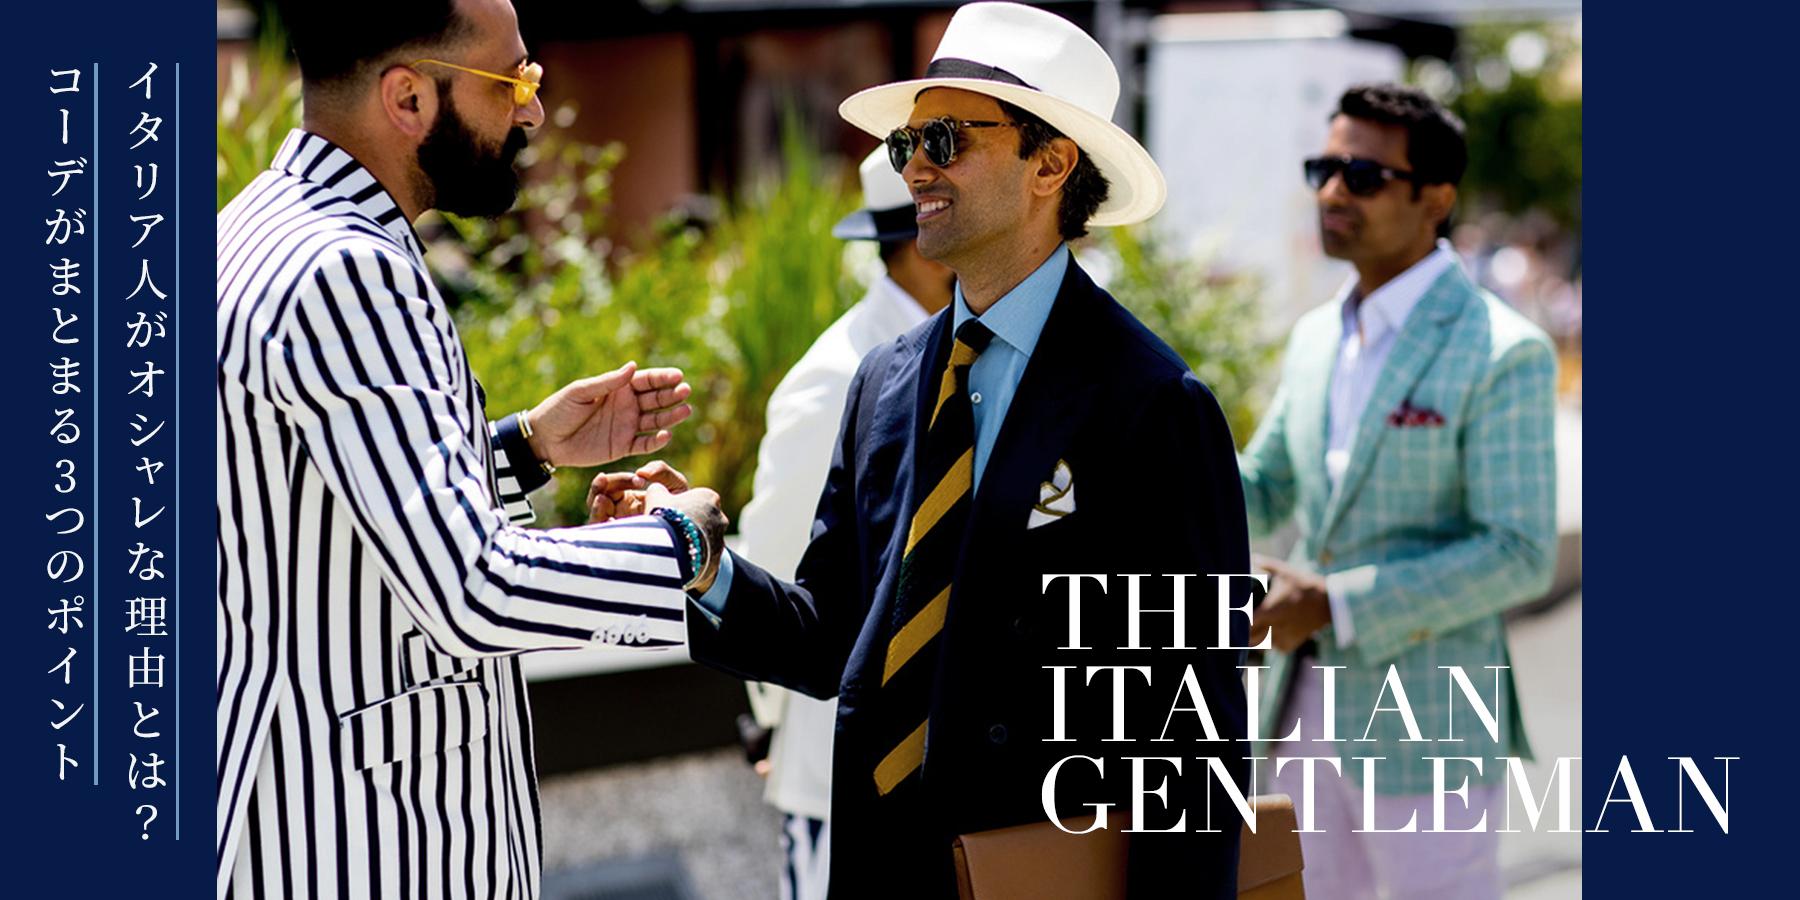 イタリア人がオシャレな理由とは?コーデがまとまる3つのポイント